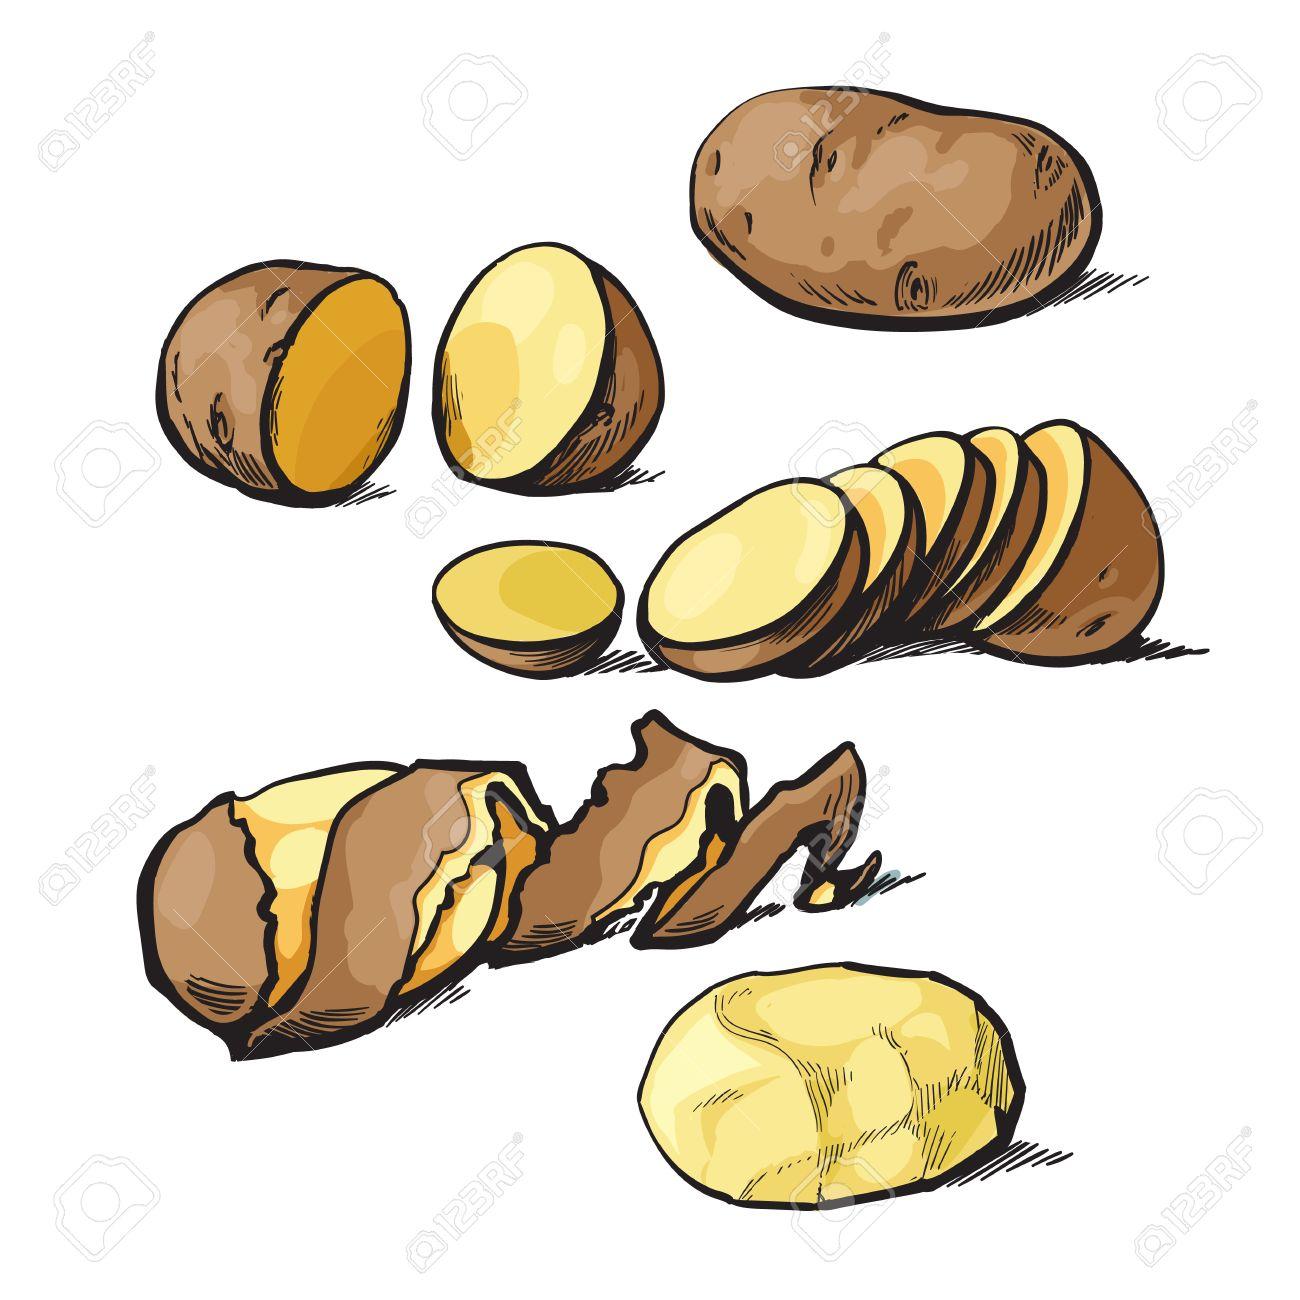 Conjunto De Limpieza Patatas Y Corte Dibujo Vectorial Ilustración